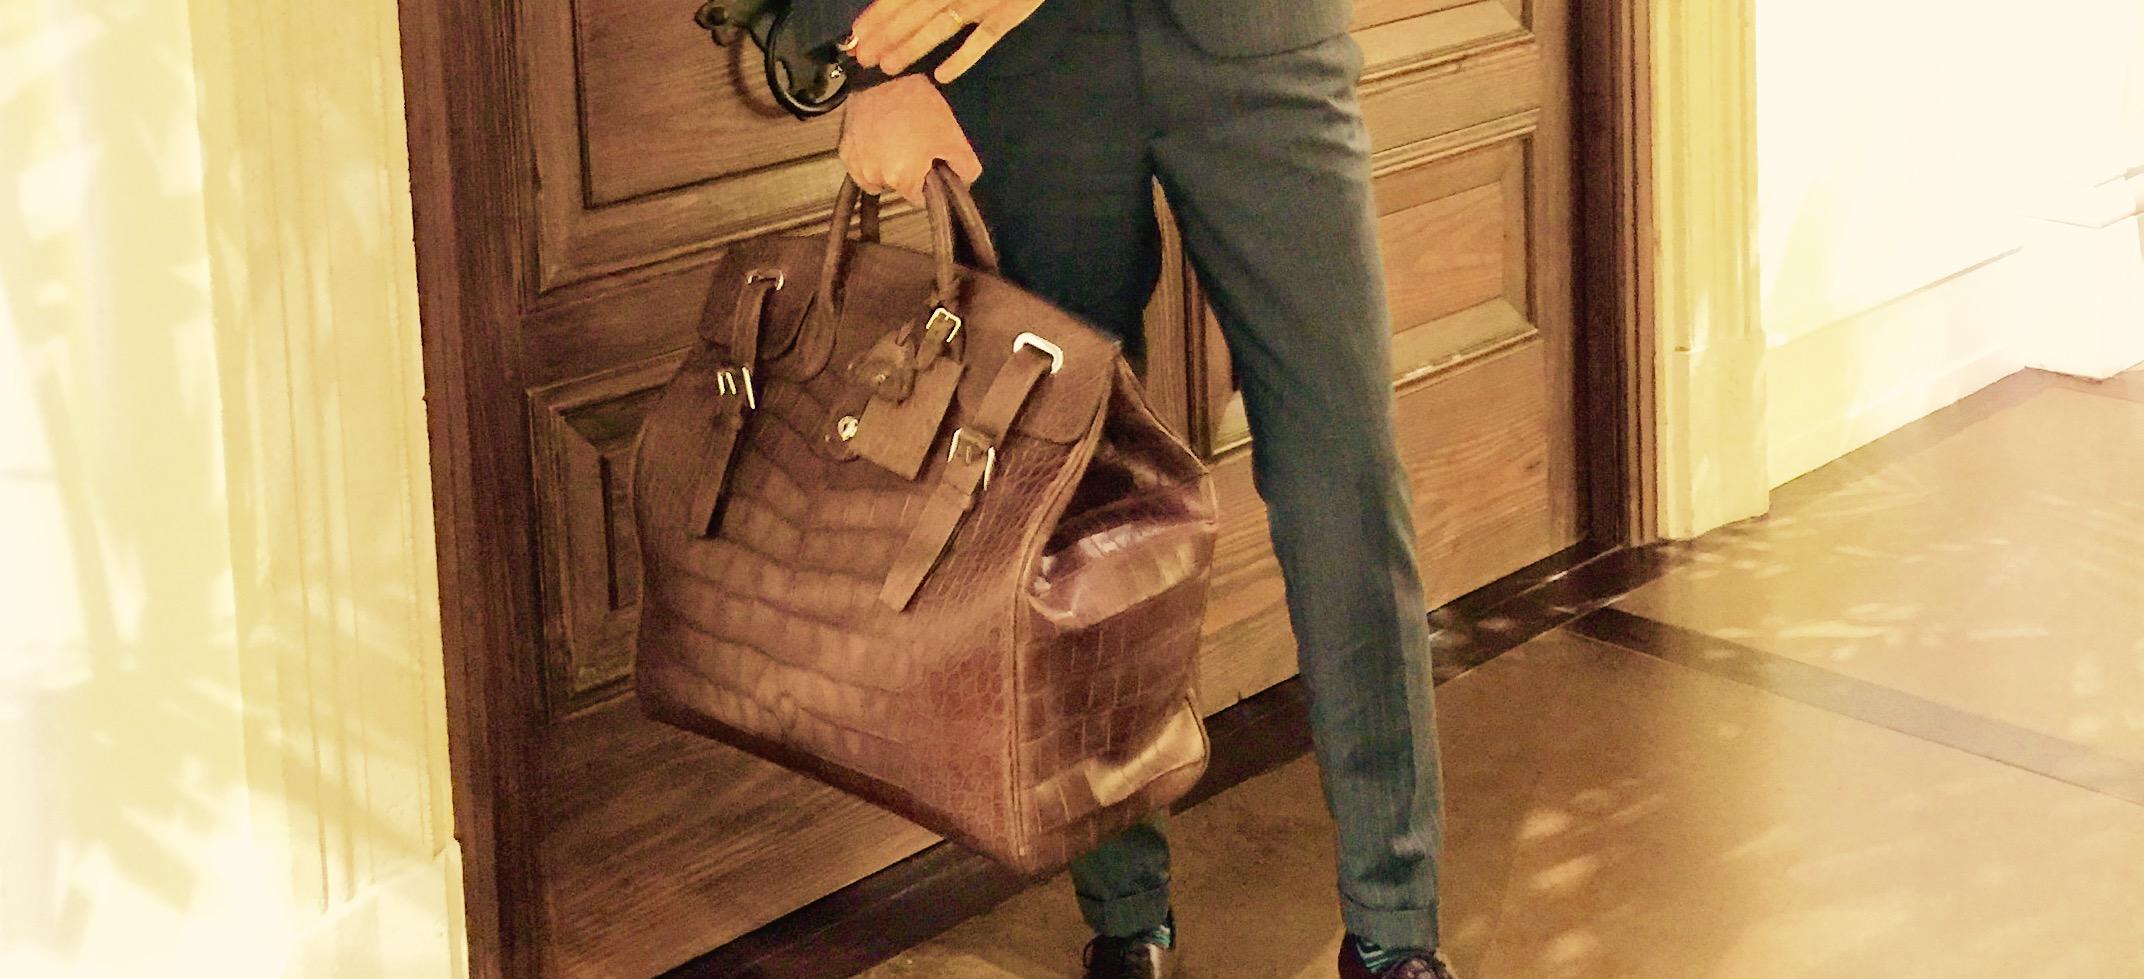 moda masculina acessorio 5 - Homens invistam em acessórios